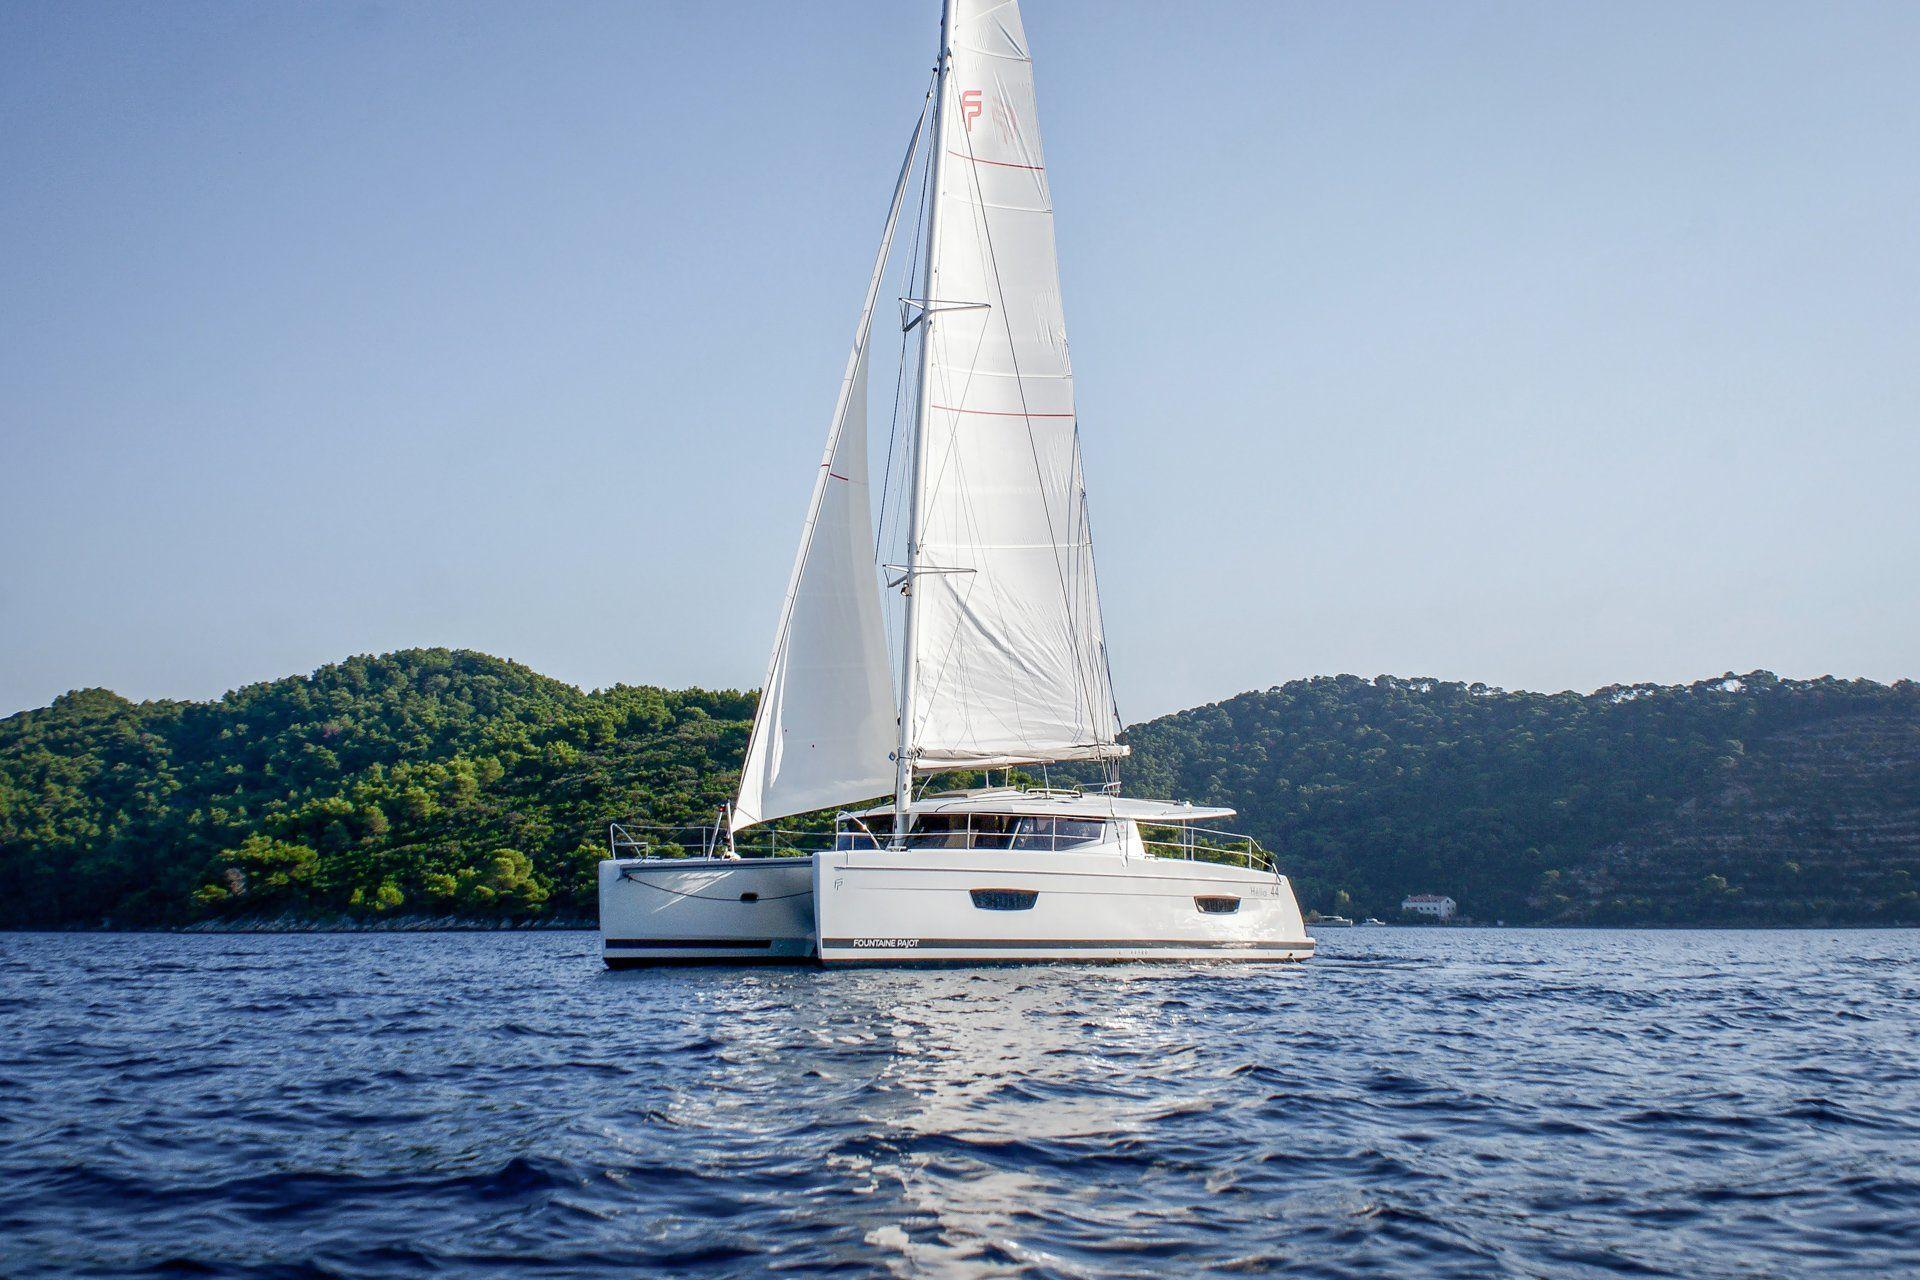 Yachtcharter Helia44 5cab top